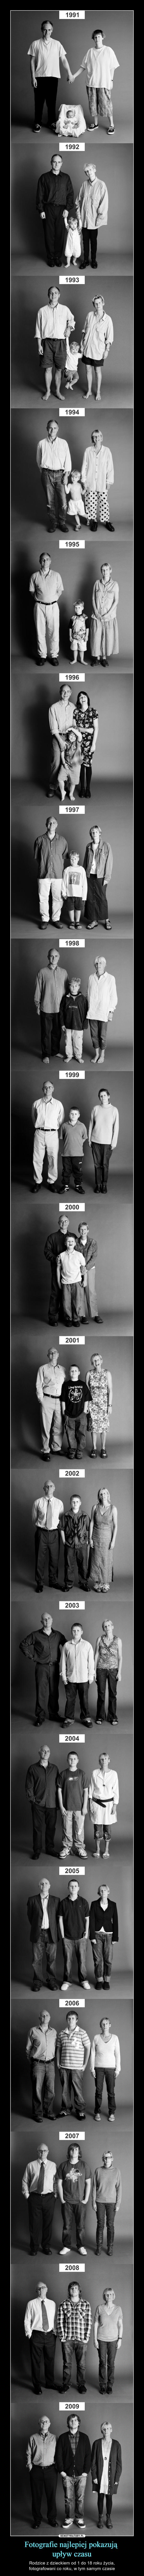 Fotografie najlepiej pokazują upływ czasu – Rodzice z dzieckiem od 1 do 18 roku życia,fotografowani co roku, w tym samym czasie